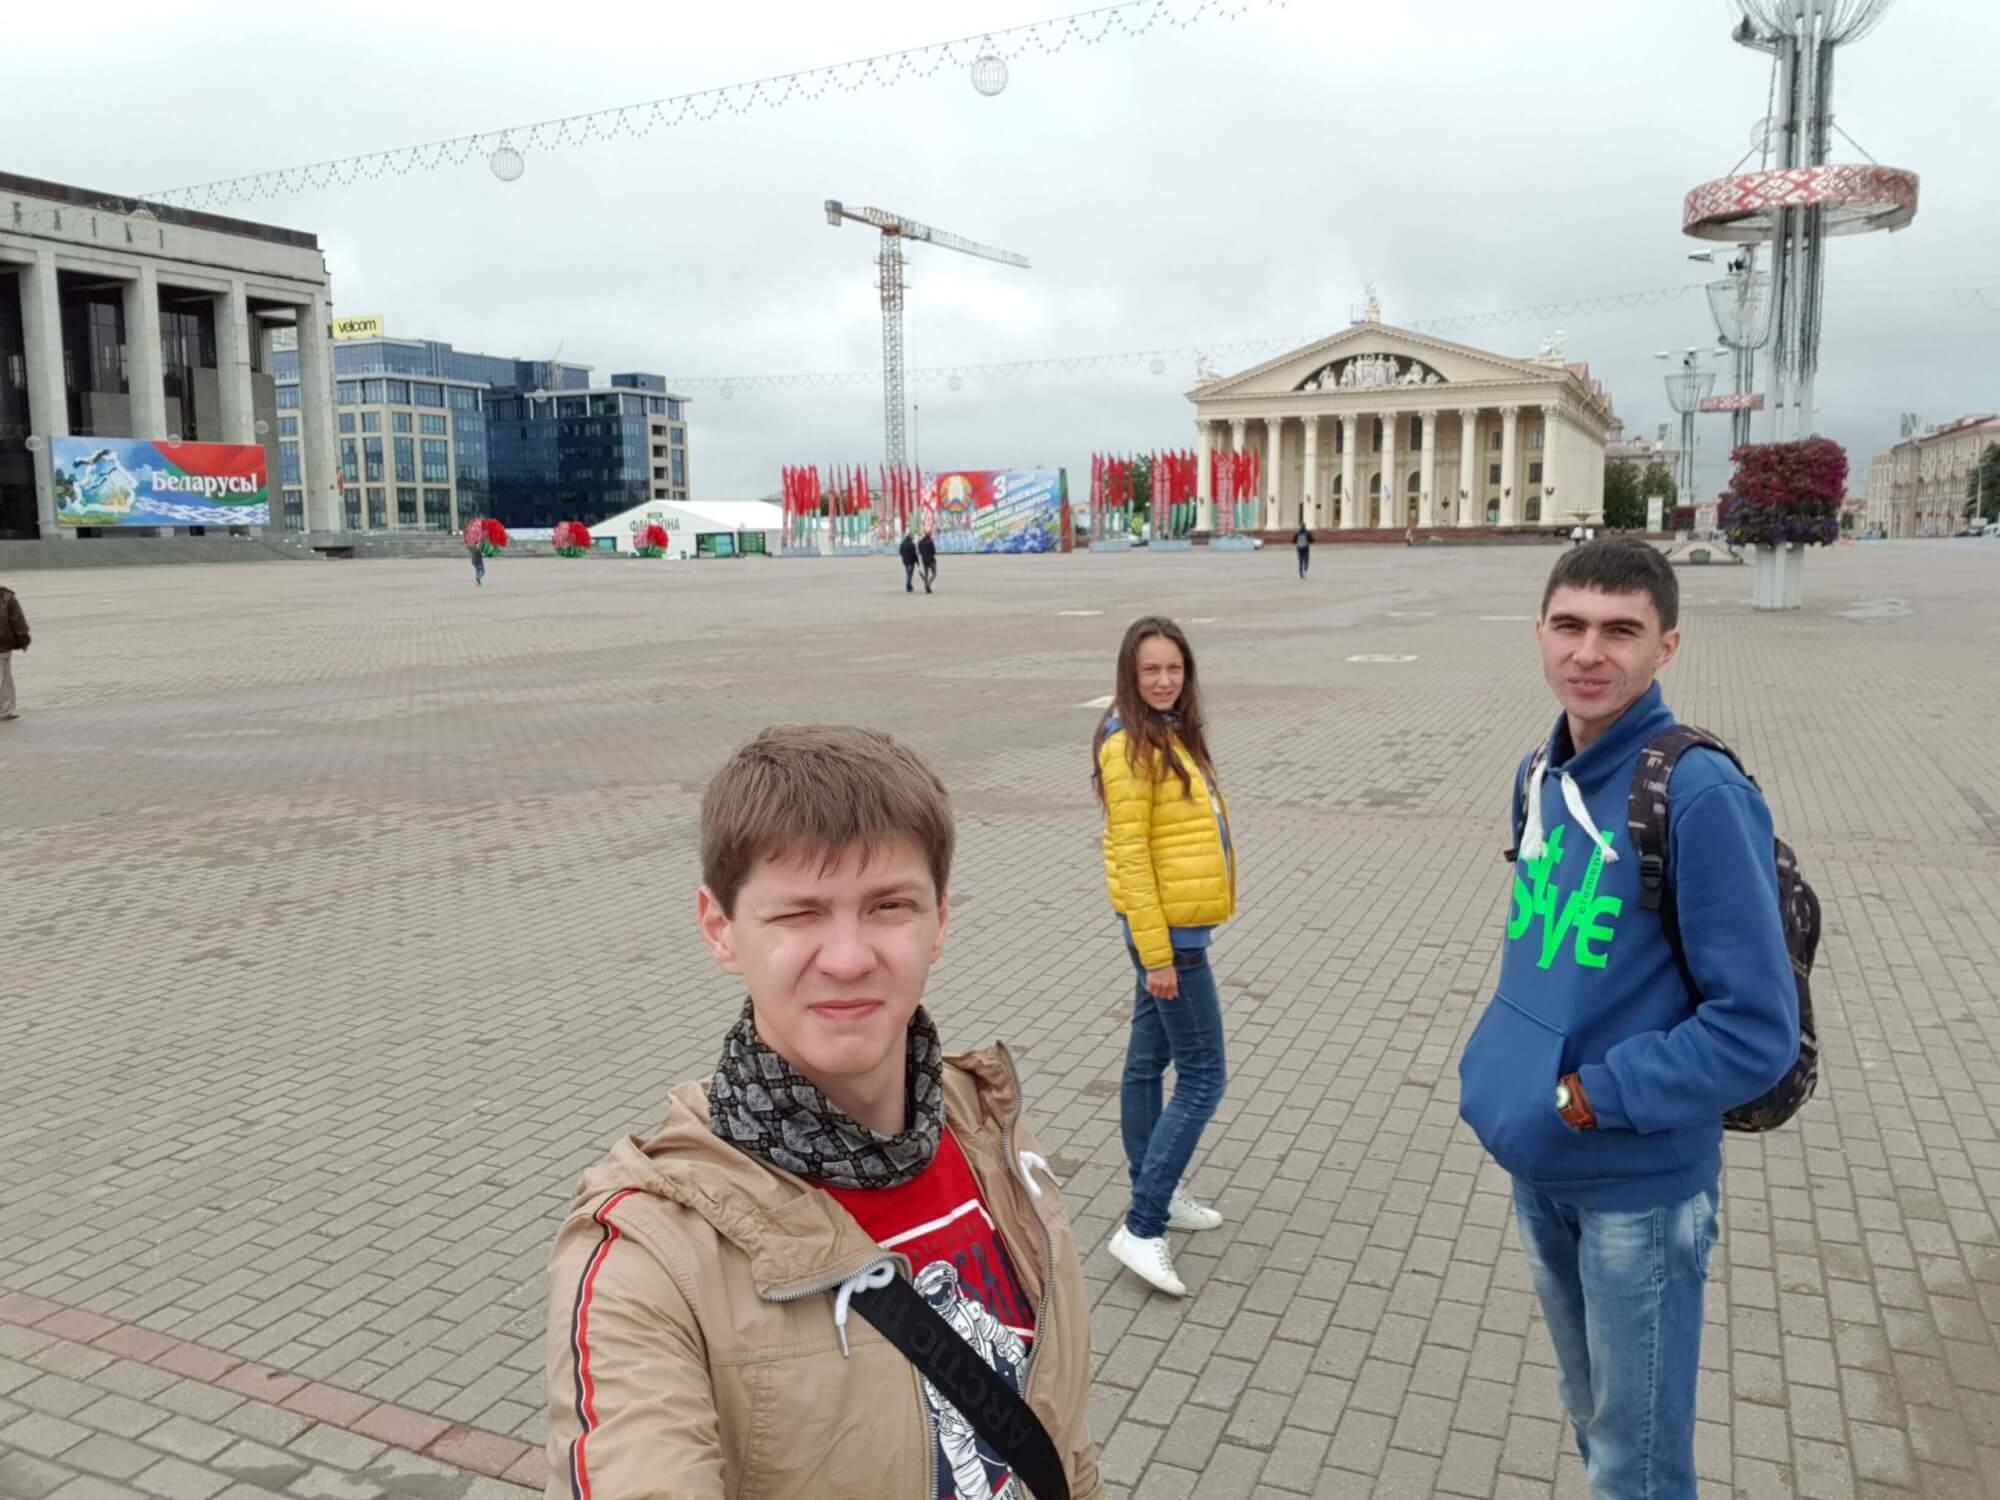 Минск в Земфире, фестиваль 21 век и впечатления от Минска